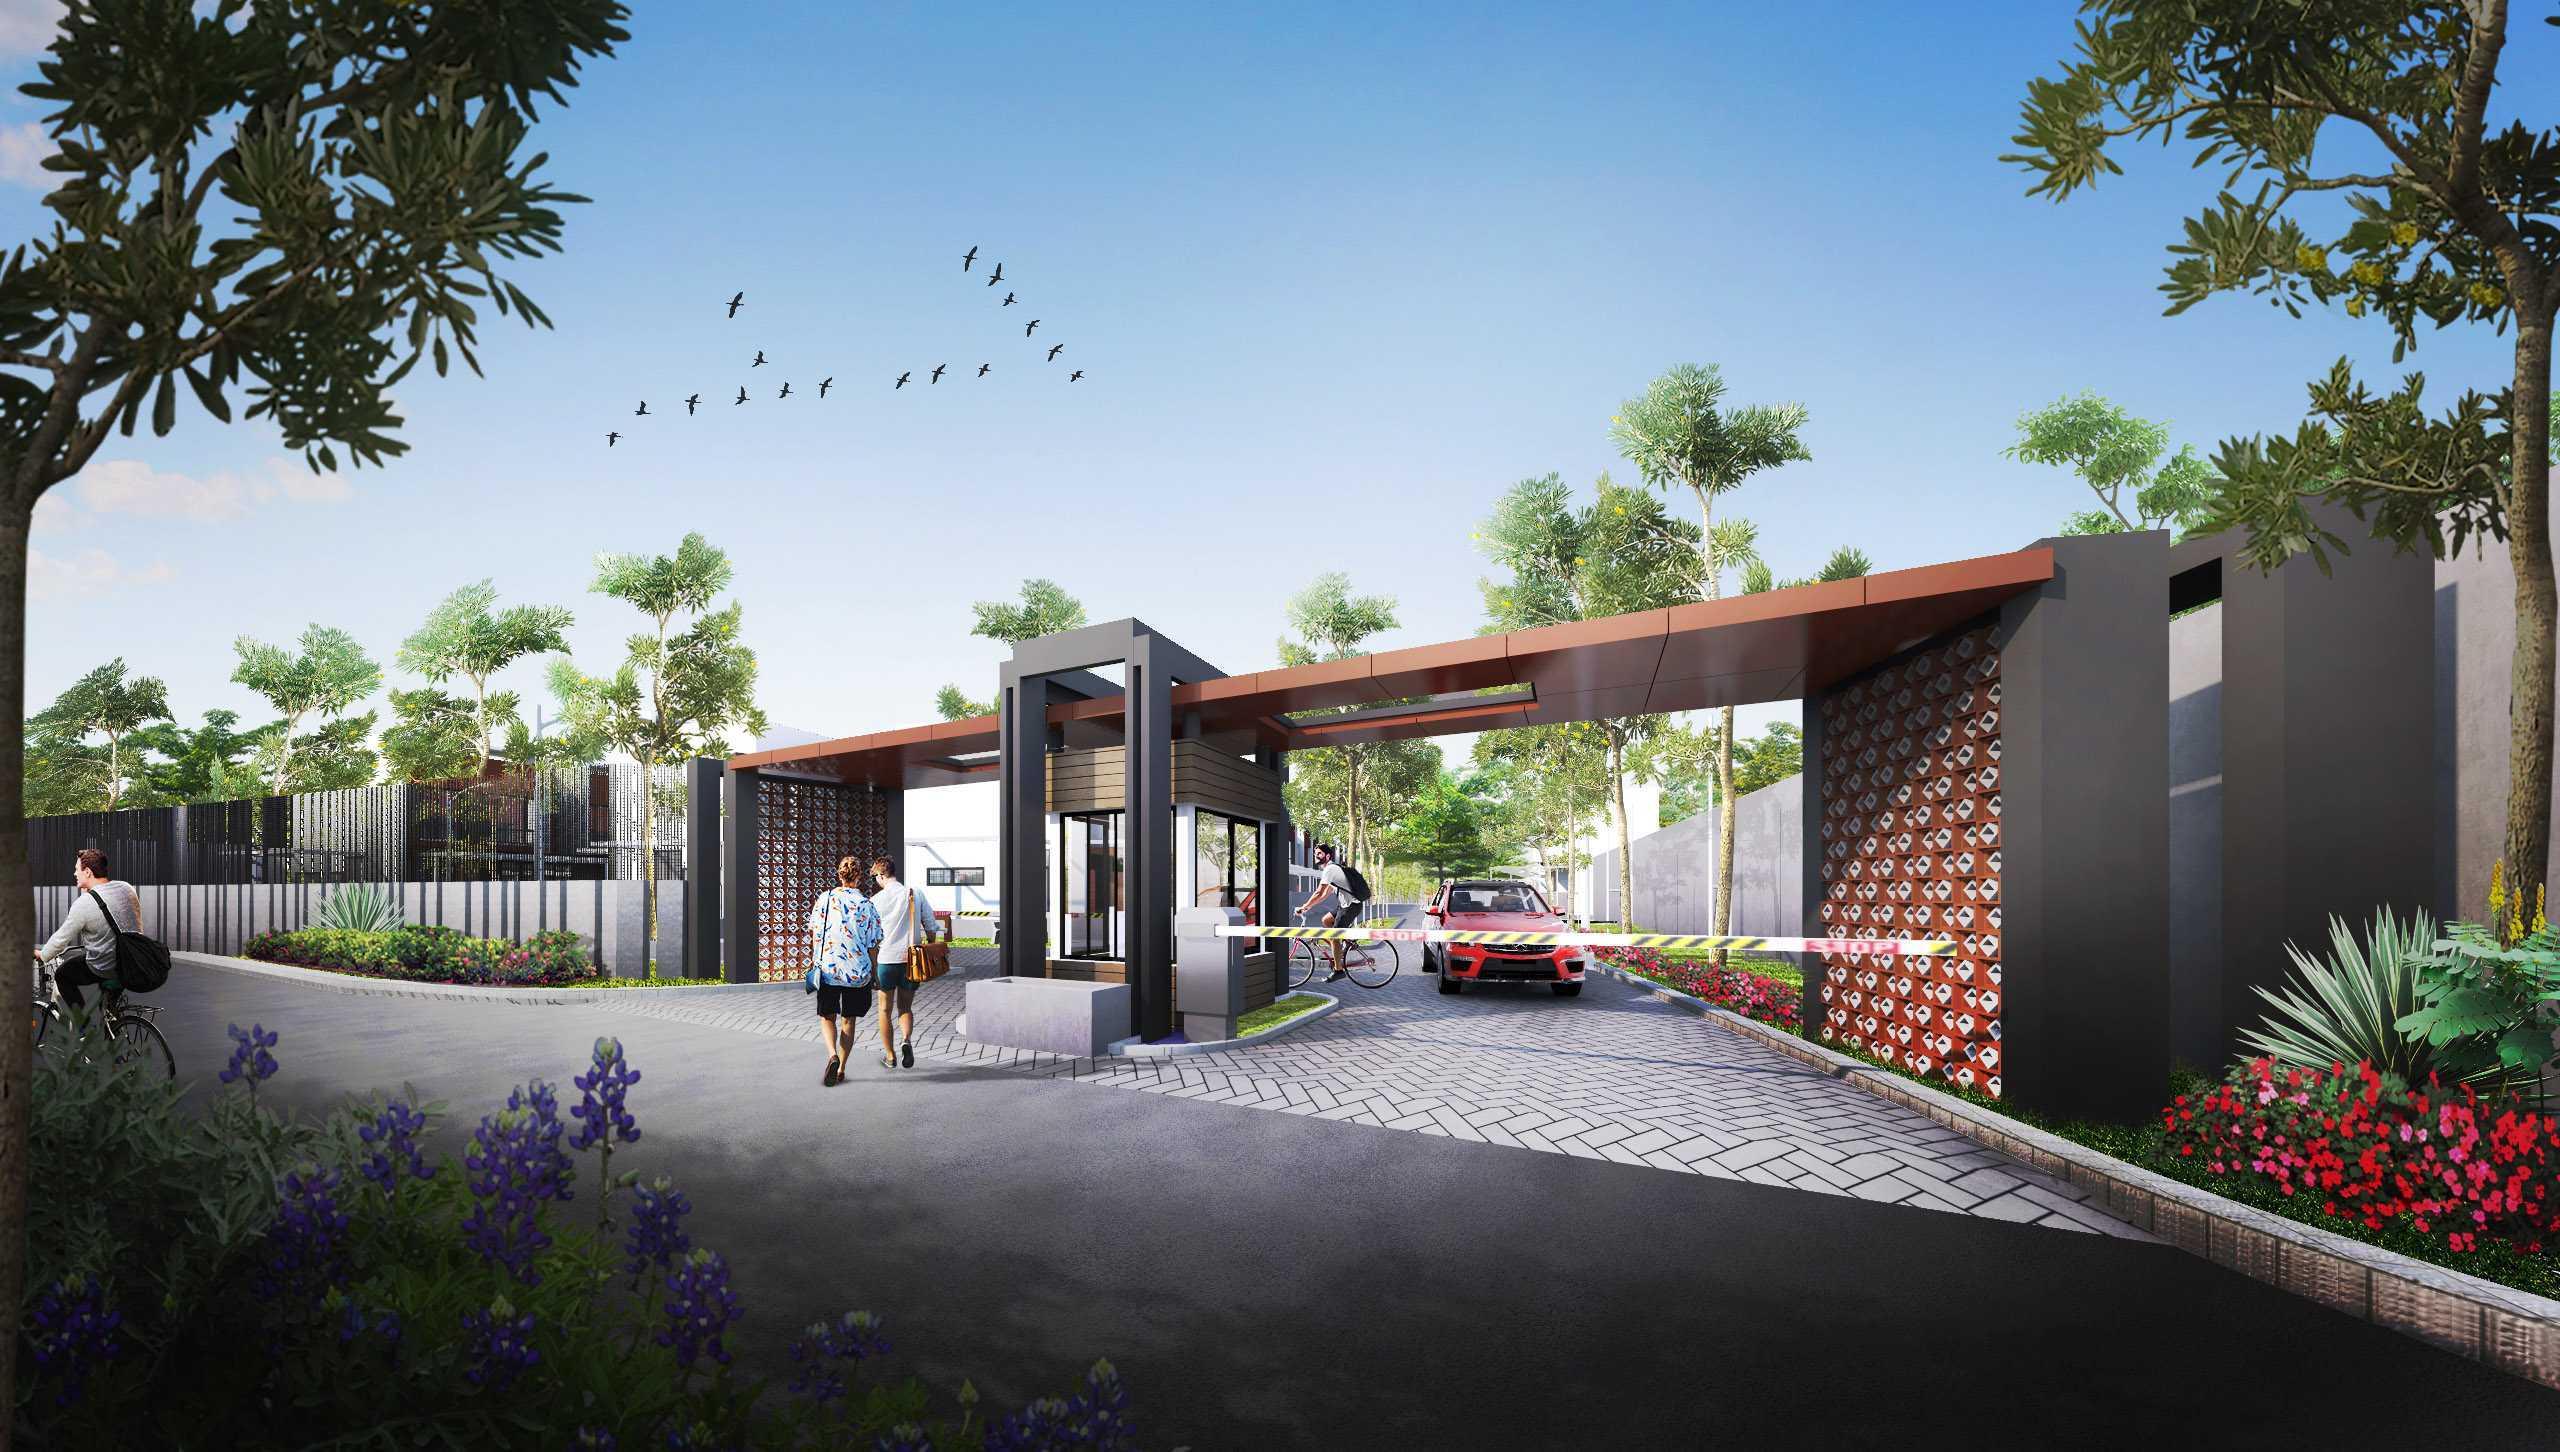 Gubah Ruang Studio Drn Residence Palembang, Kota Palembang, Sumatera Selatan, Indonesia Palembang, Kota Palembang, Sumatera Selatan, Indonesia Entrance Gate   50969